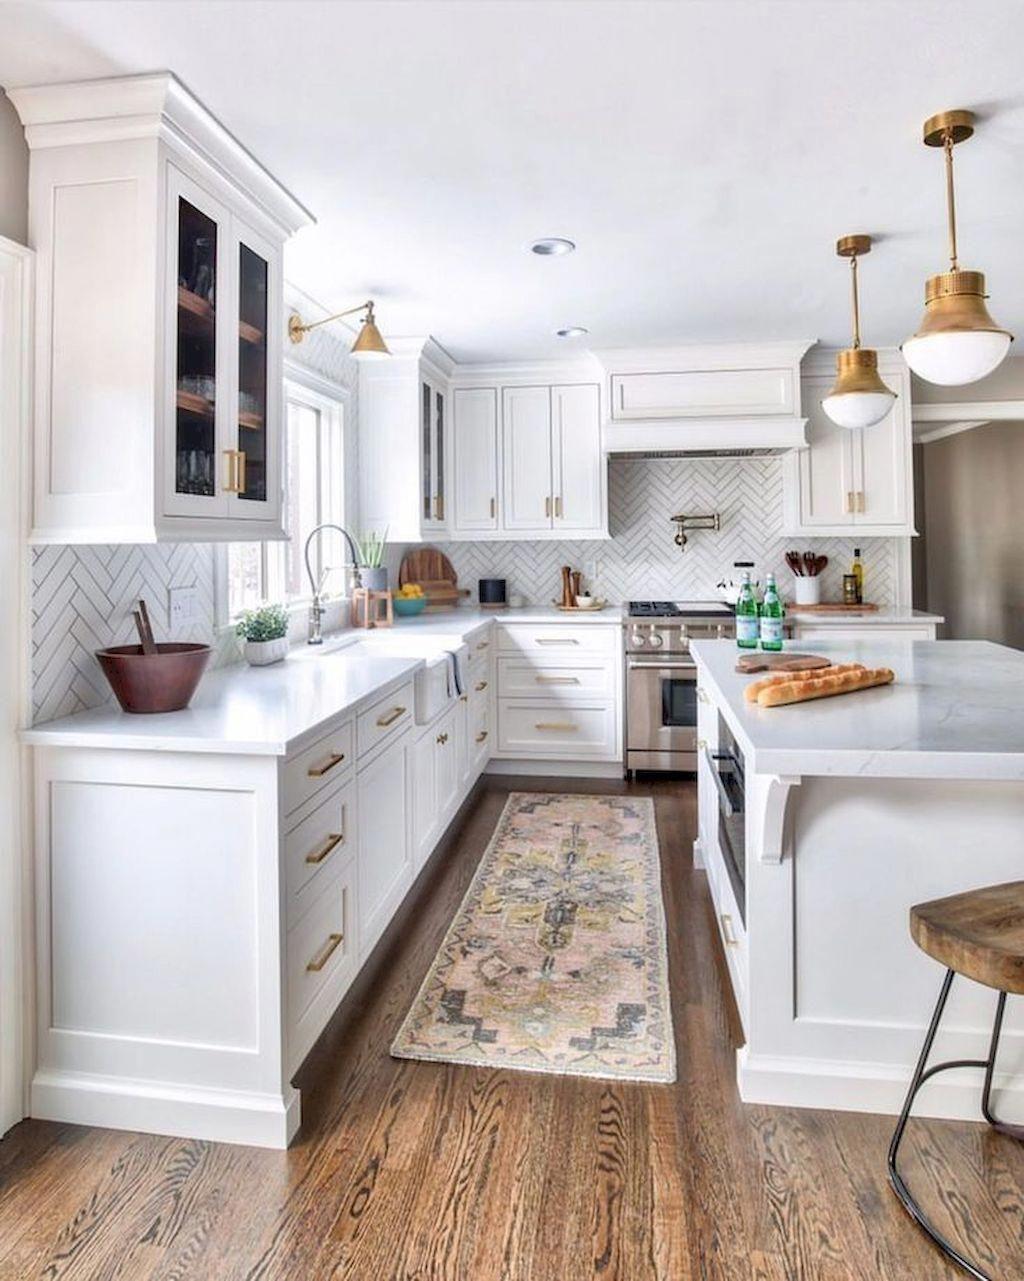 Modern Kitchen Decor Accessories | Kitchen Decorating Trends ...